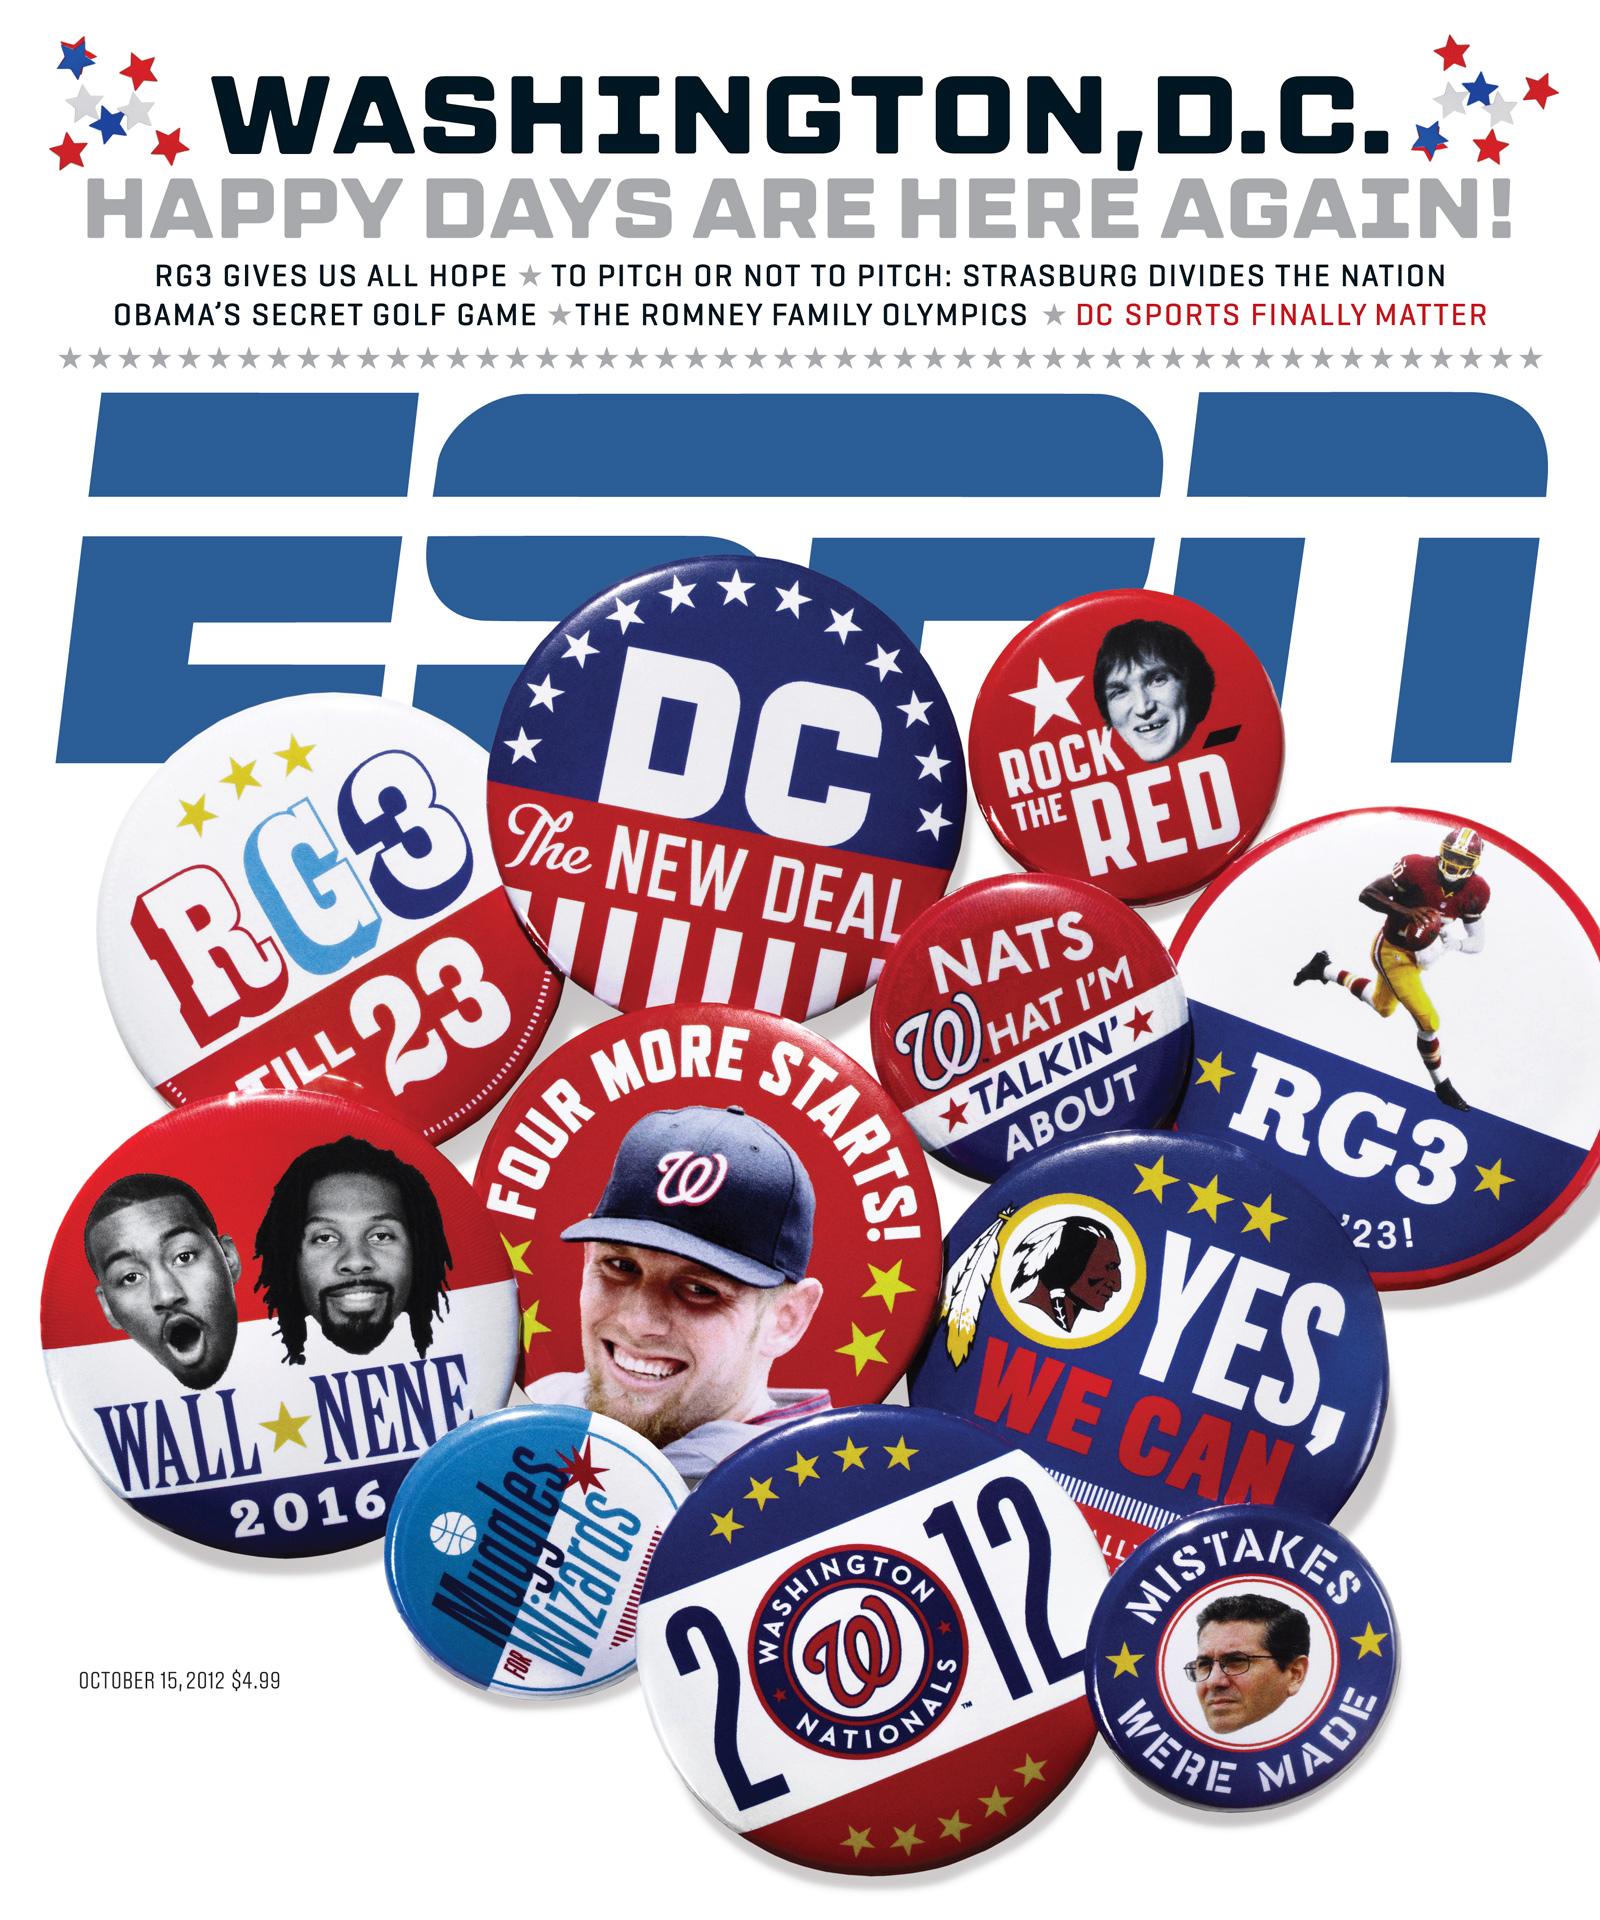 ESPN The Magzine Washington D.C. Issue